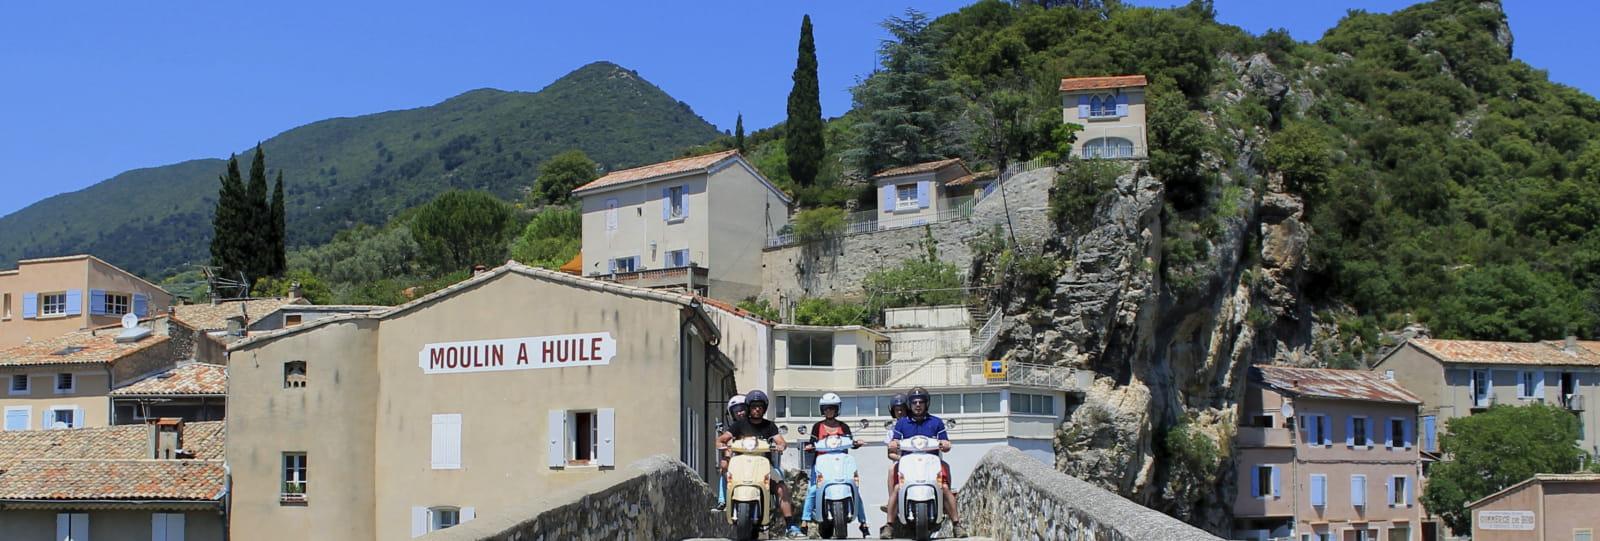 scoot nomad 198 tourisme 2 roues en drome provencale 2